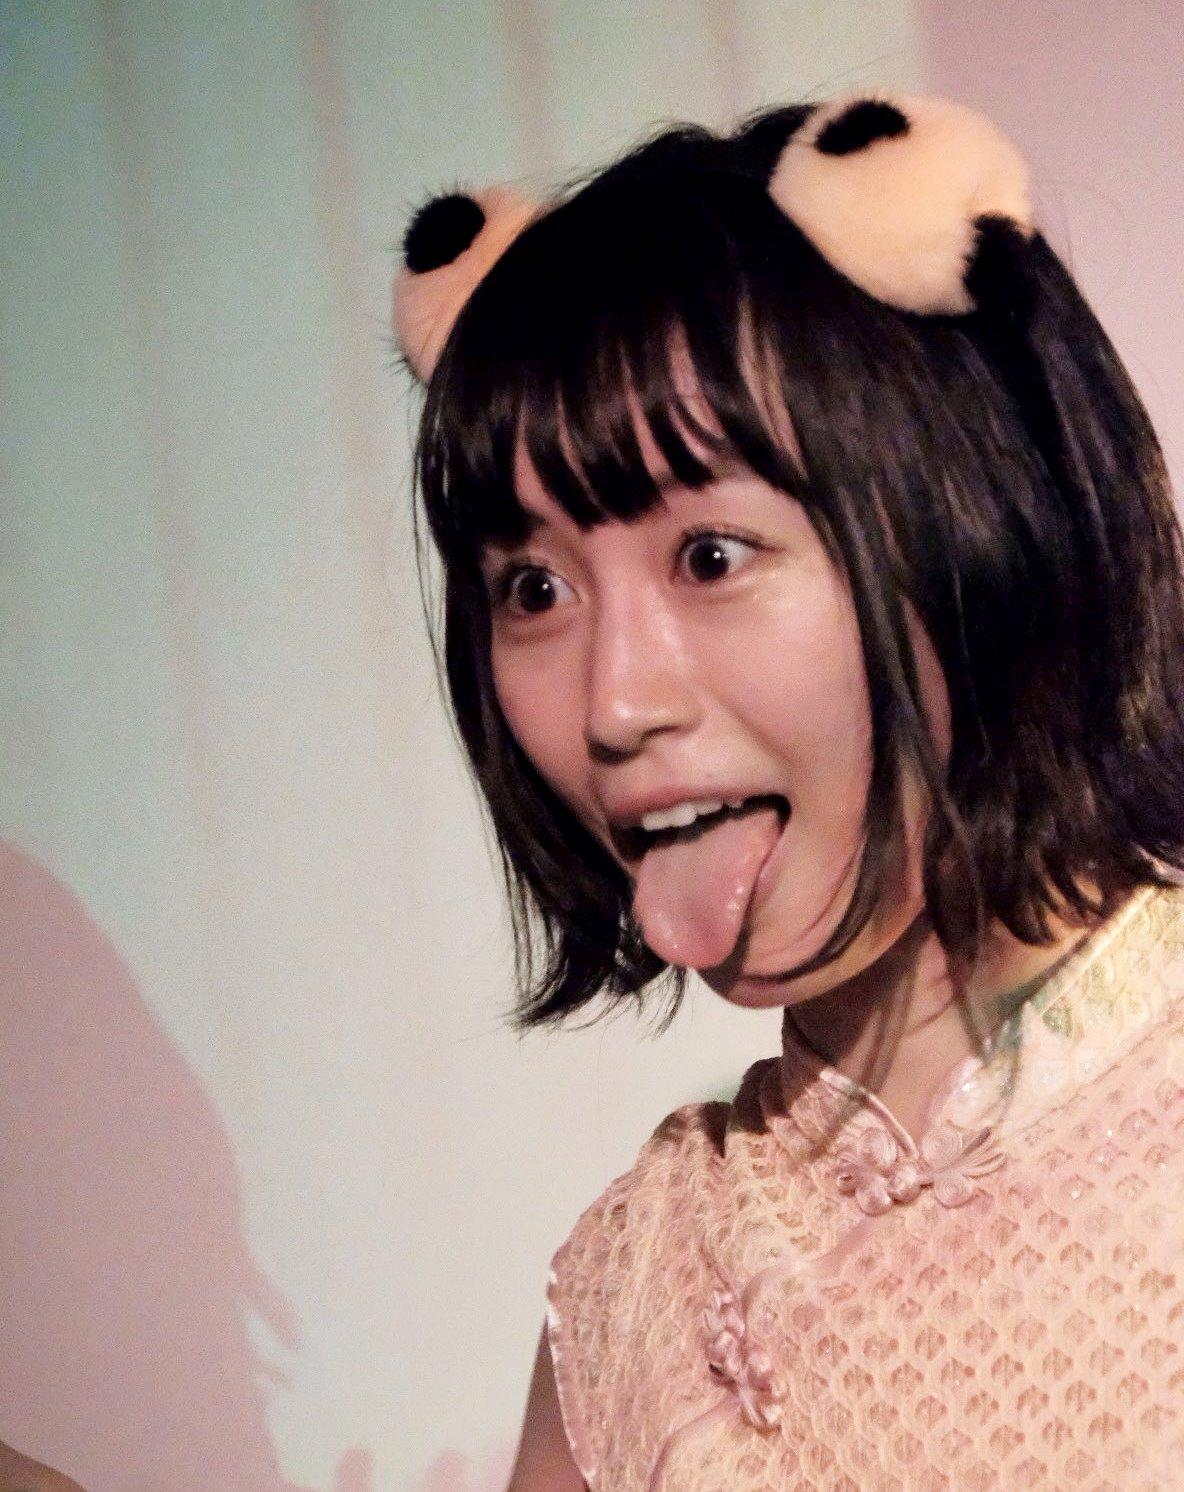 佐藤遥の舌出し (21)